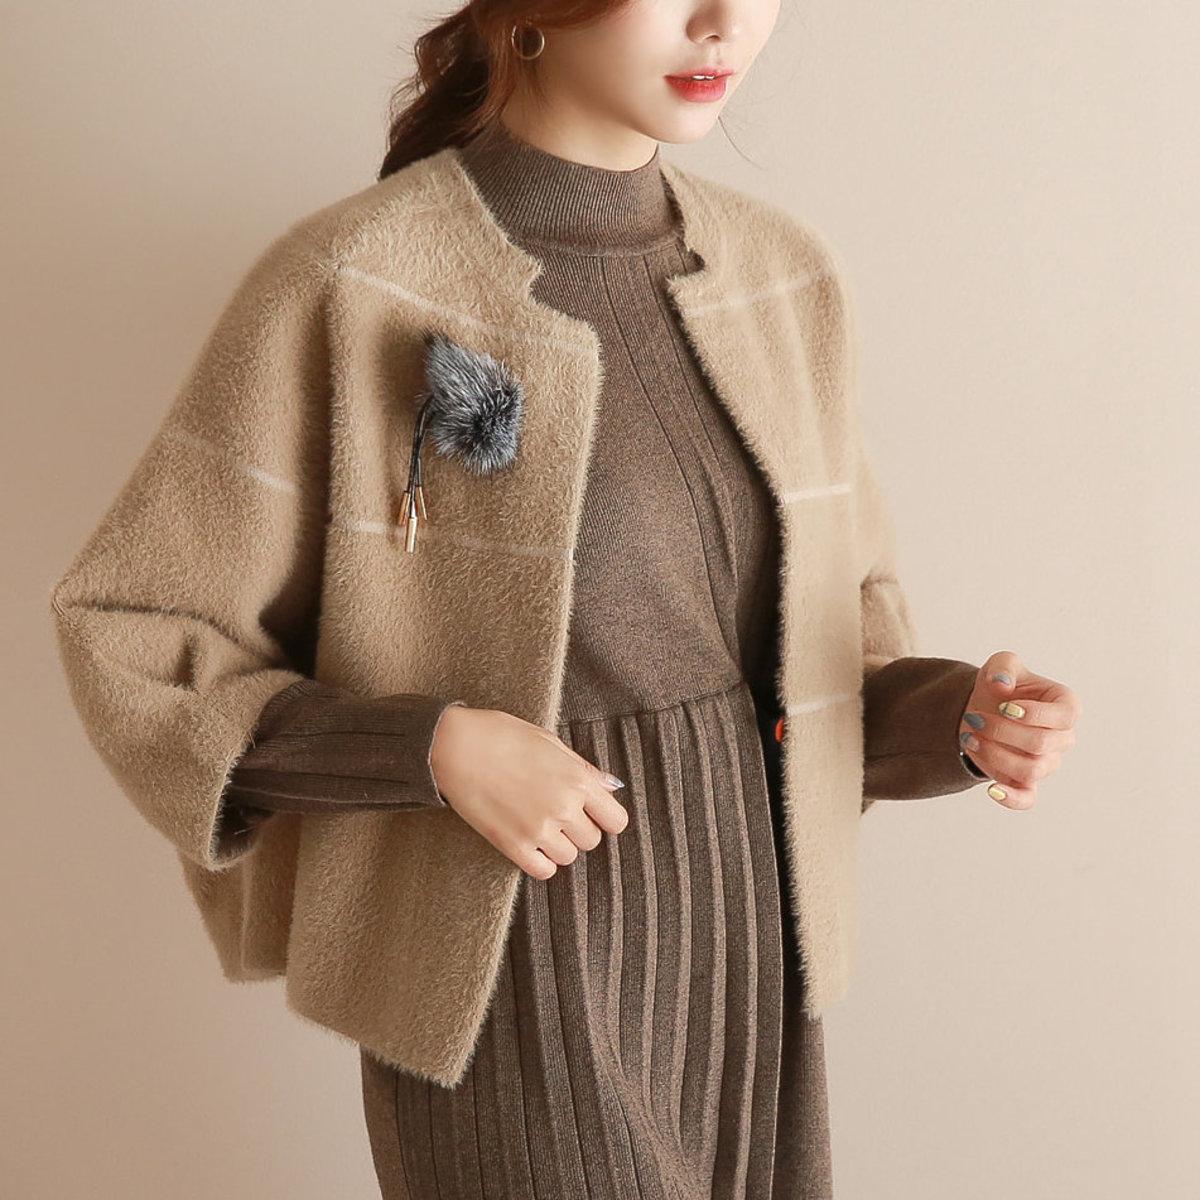 Minimal Knit Cardigan